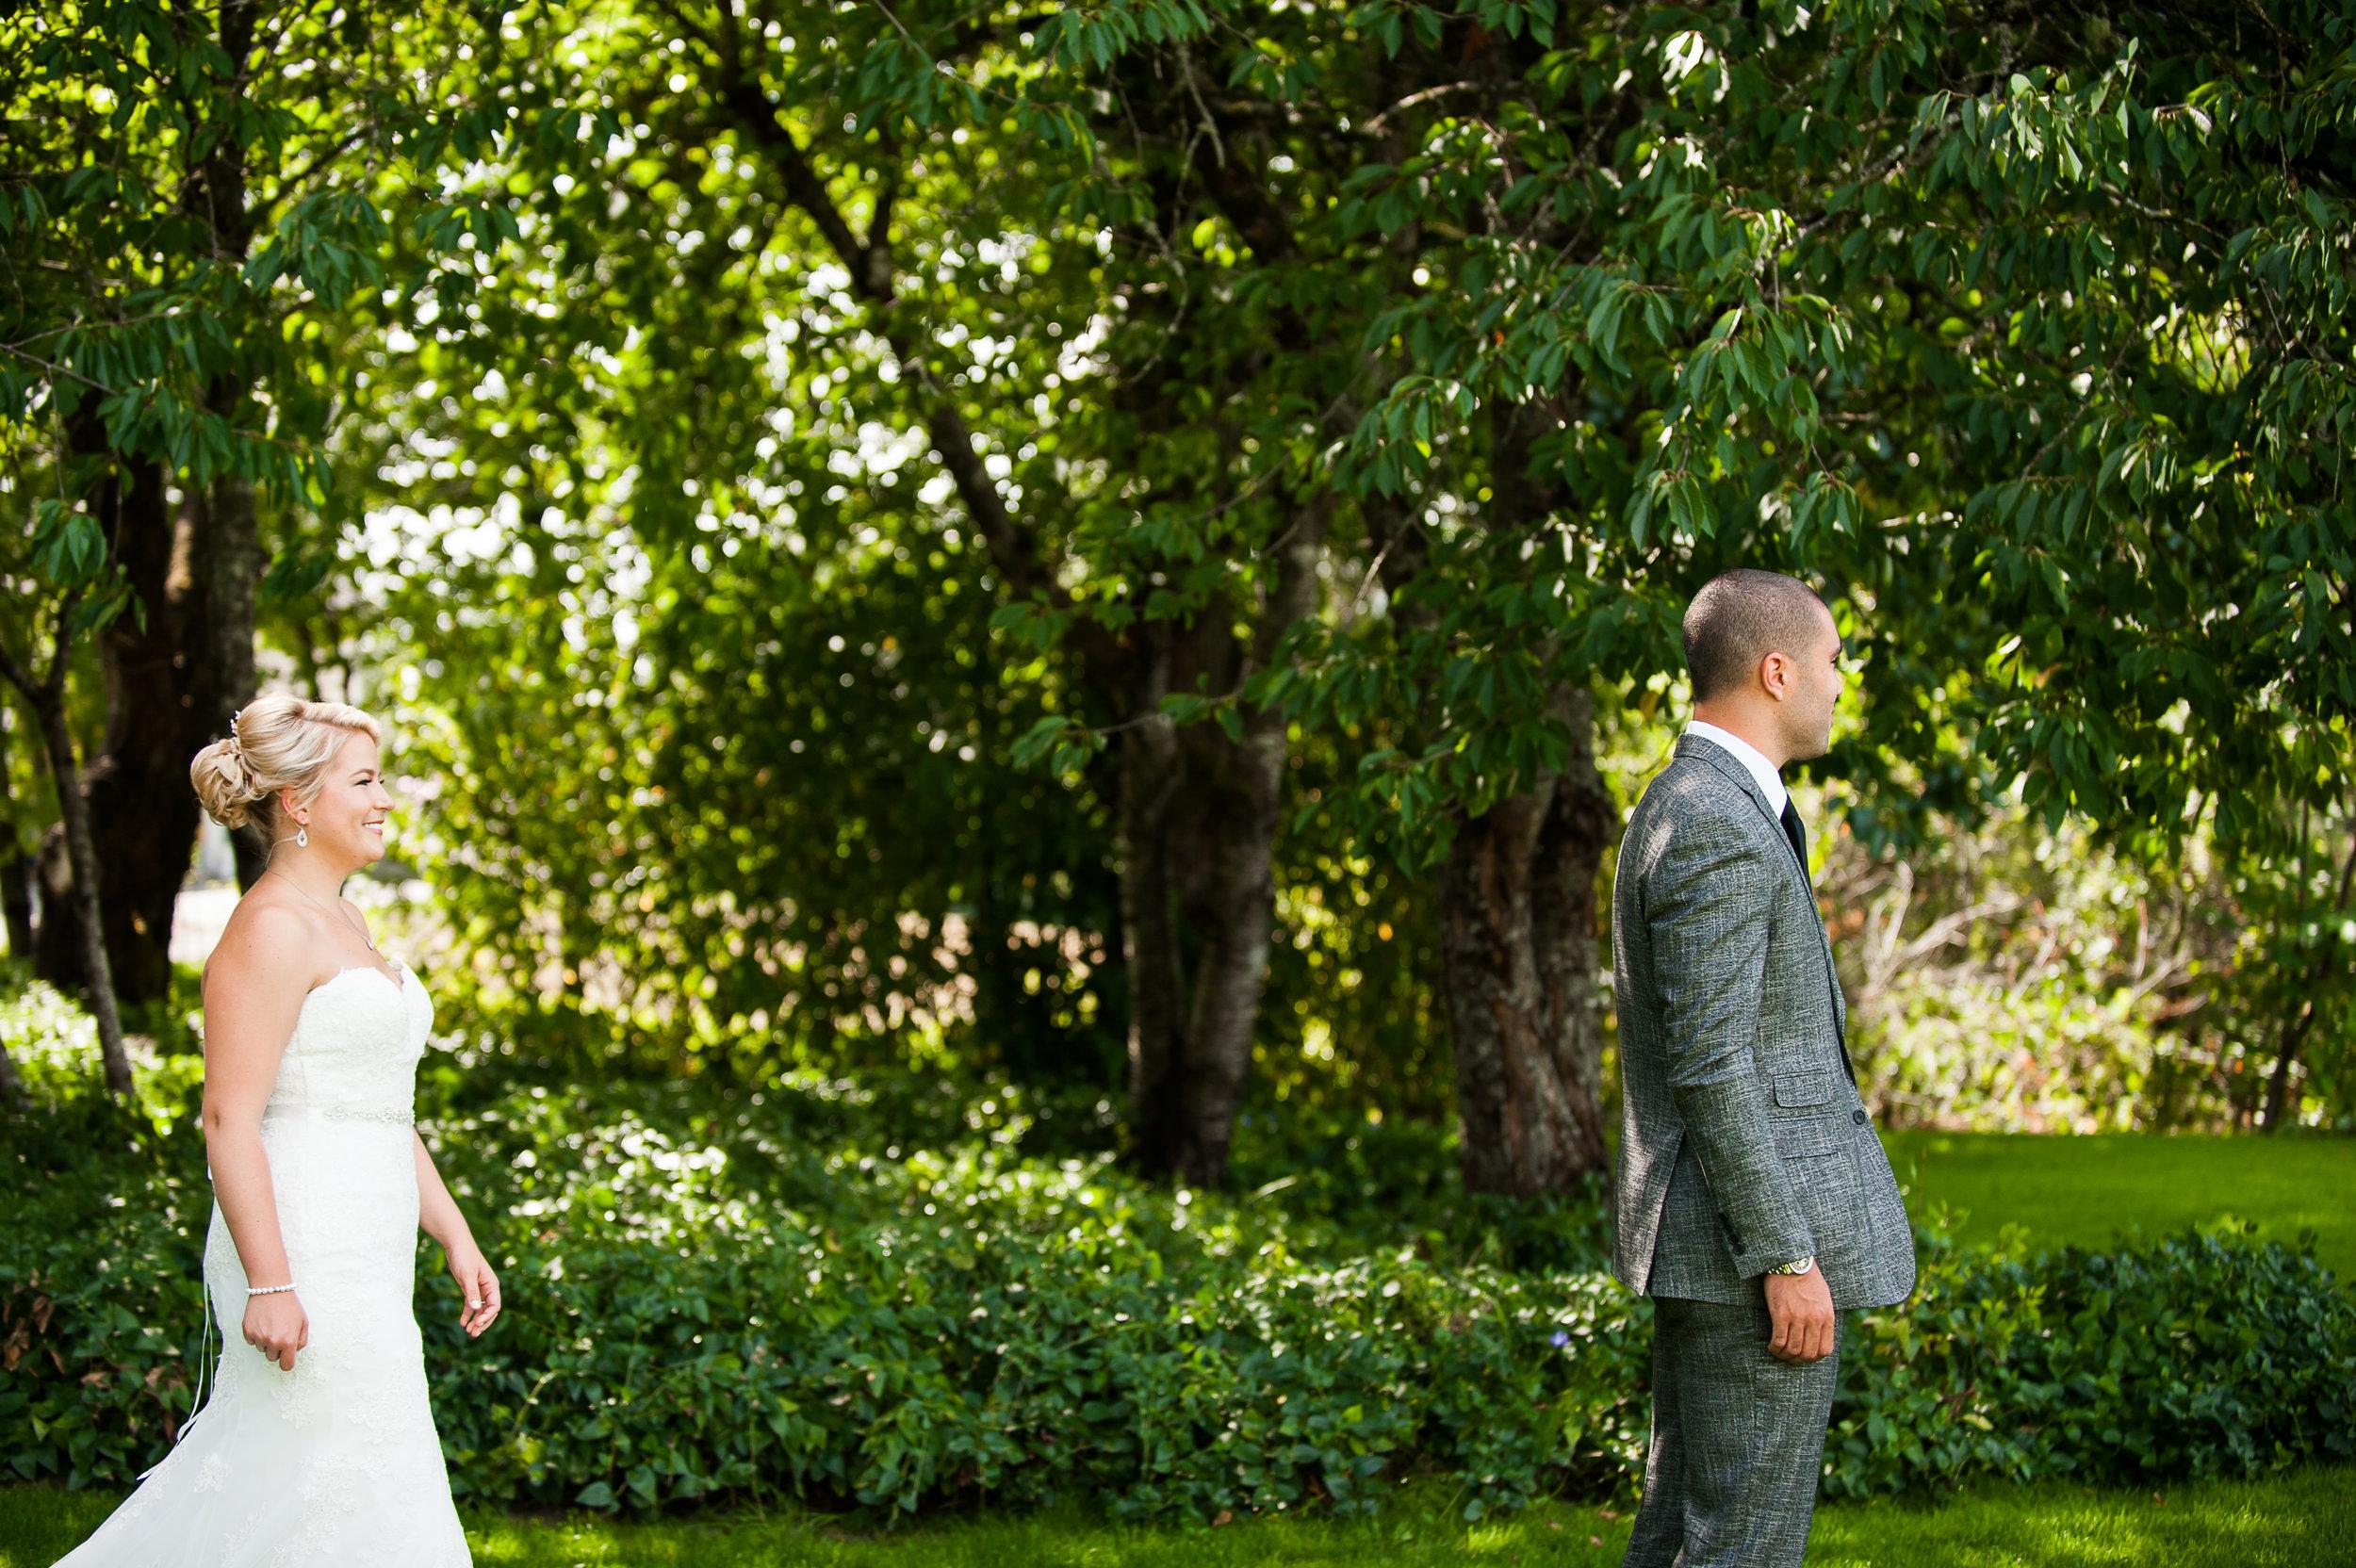 HA-wedding-Van-Wyhe-Photography-086.jpg